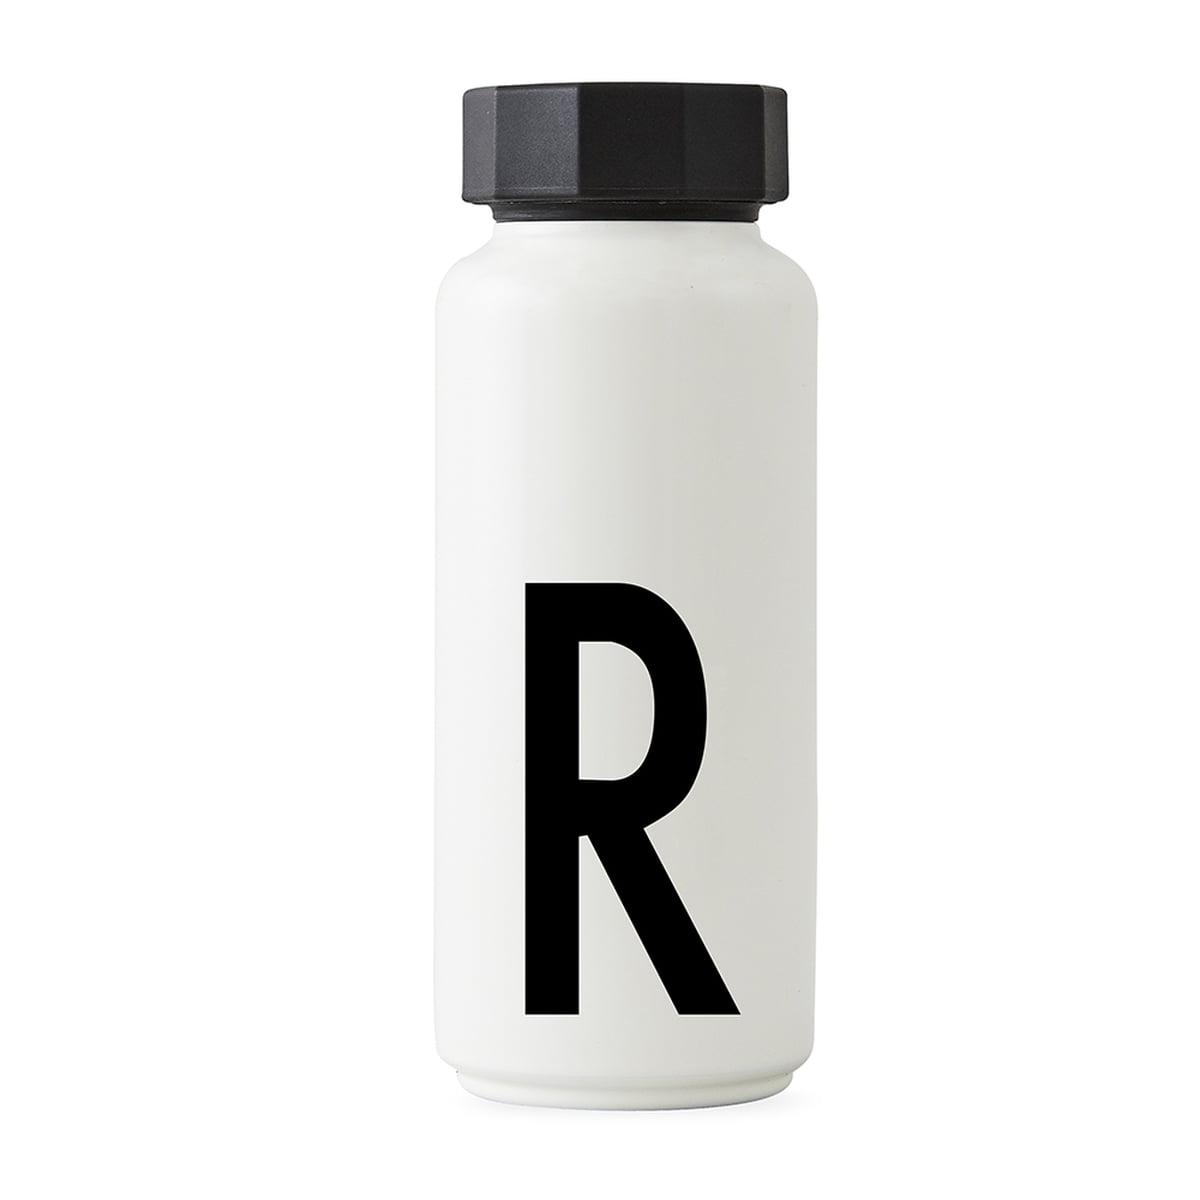 Design Letters - AJ Thermosflasche R, weiß | Küche und Esszimmer > Besteck und Geschirr > Kannen und Wasserkessel | Design Letters